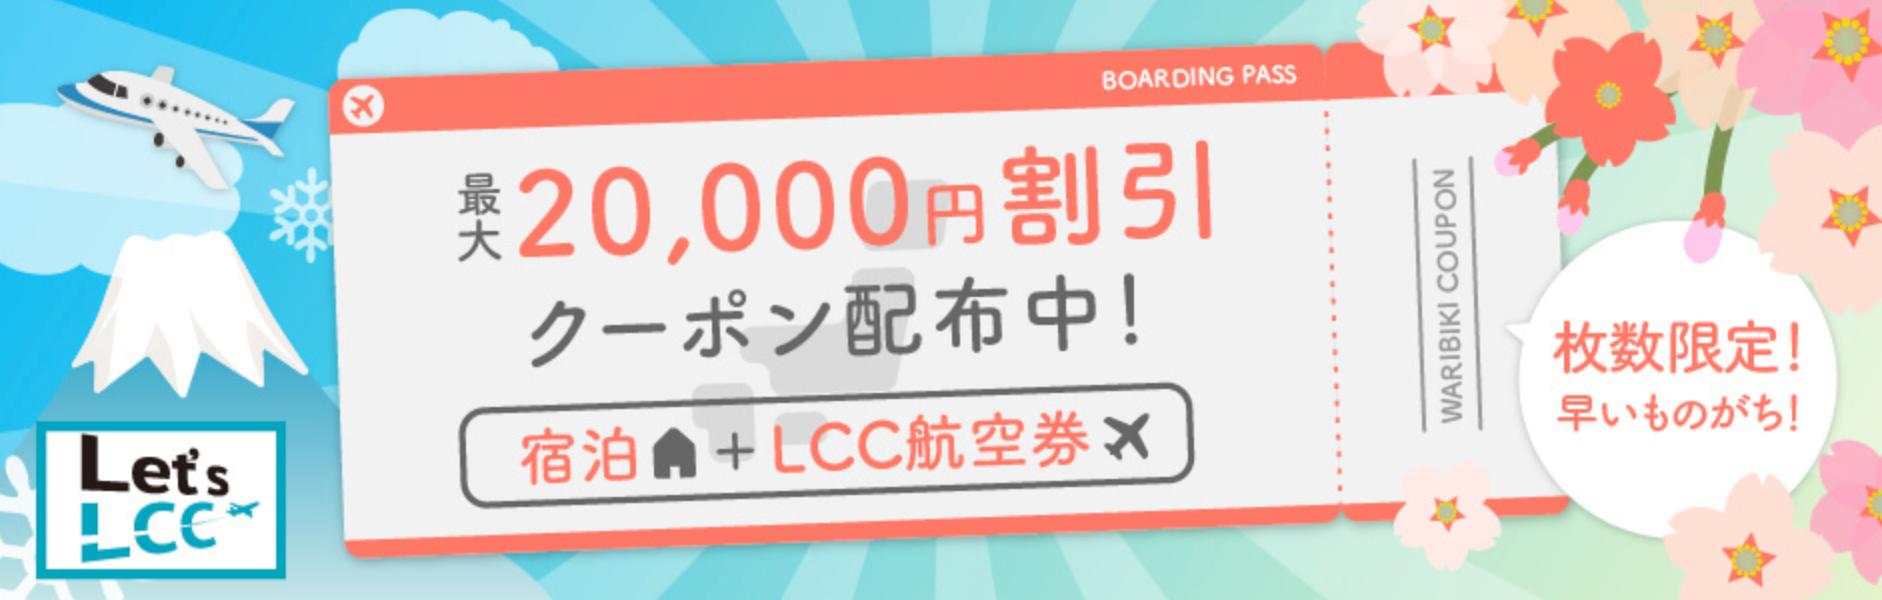 【ヤフートラベル】国内ホテル+LCC航空券予約最大20,000円割引クーポン